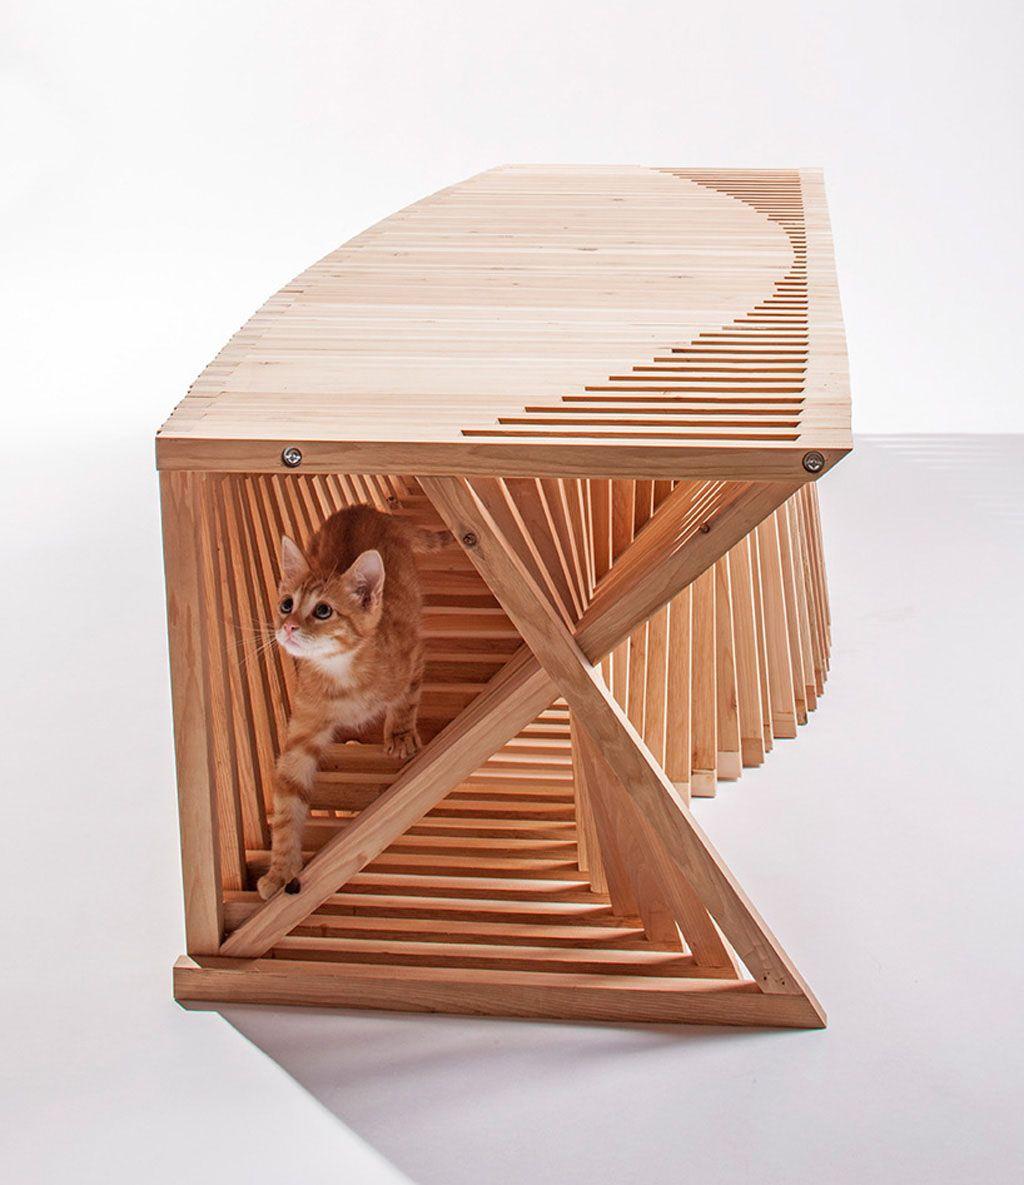 Mỗi mẫu nhà là một ý tưởng thiết kế khác nhau